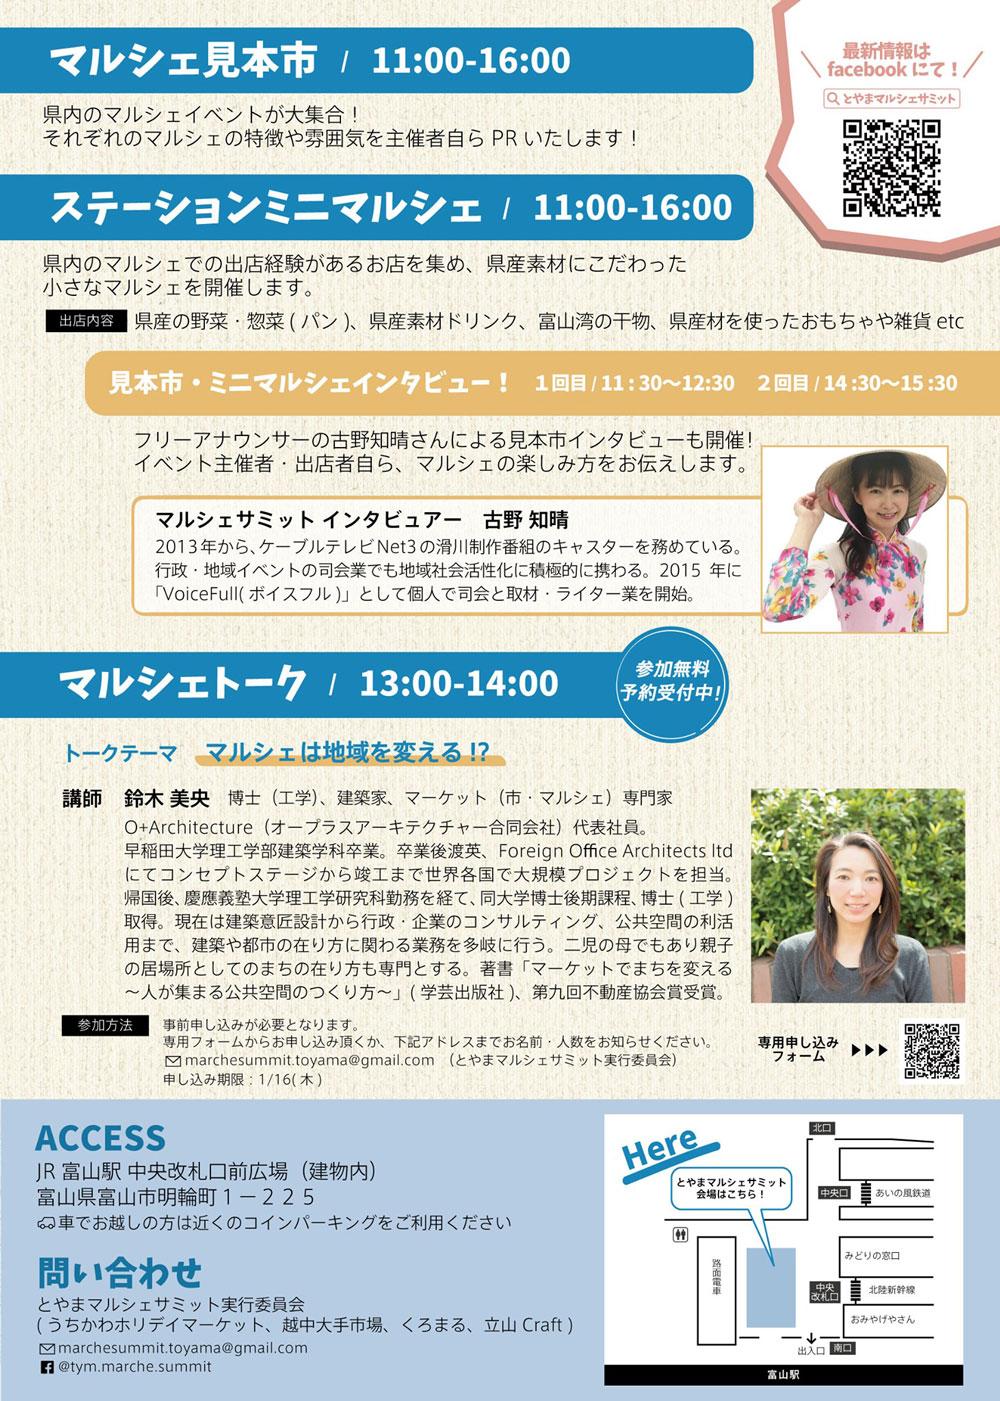 2020年1月26日(日)にJR富山駅で開催される「とやまマルシェサミット」の内容